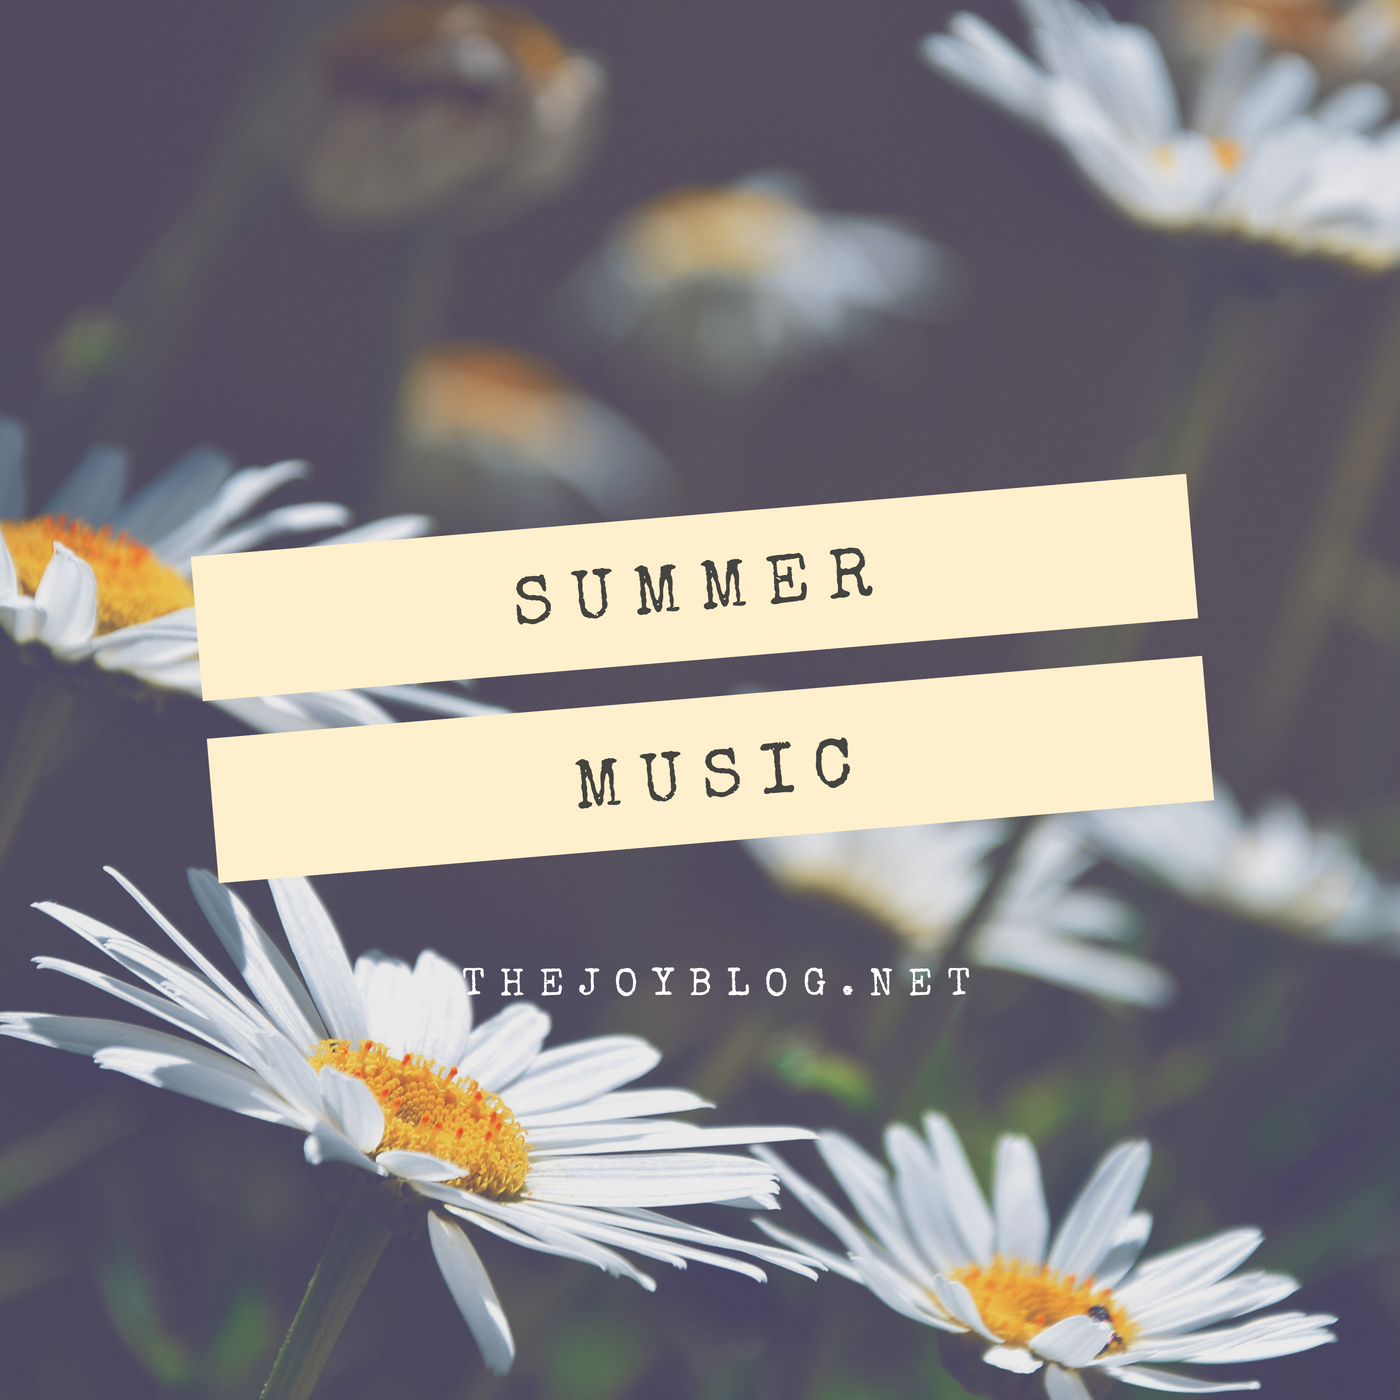 Summer Music Playlist - www.thejoyblog.net